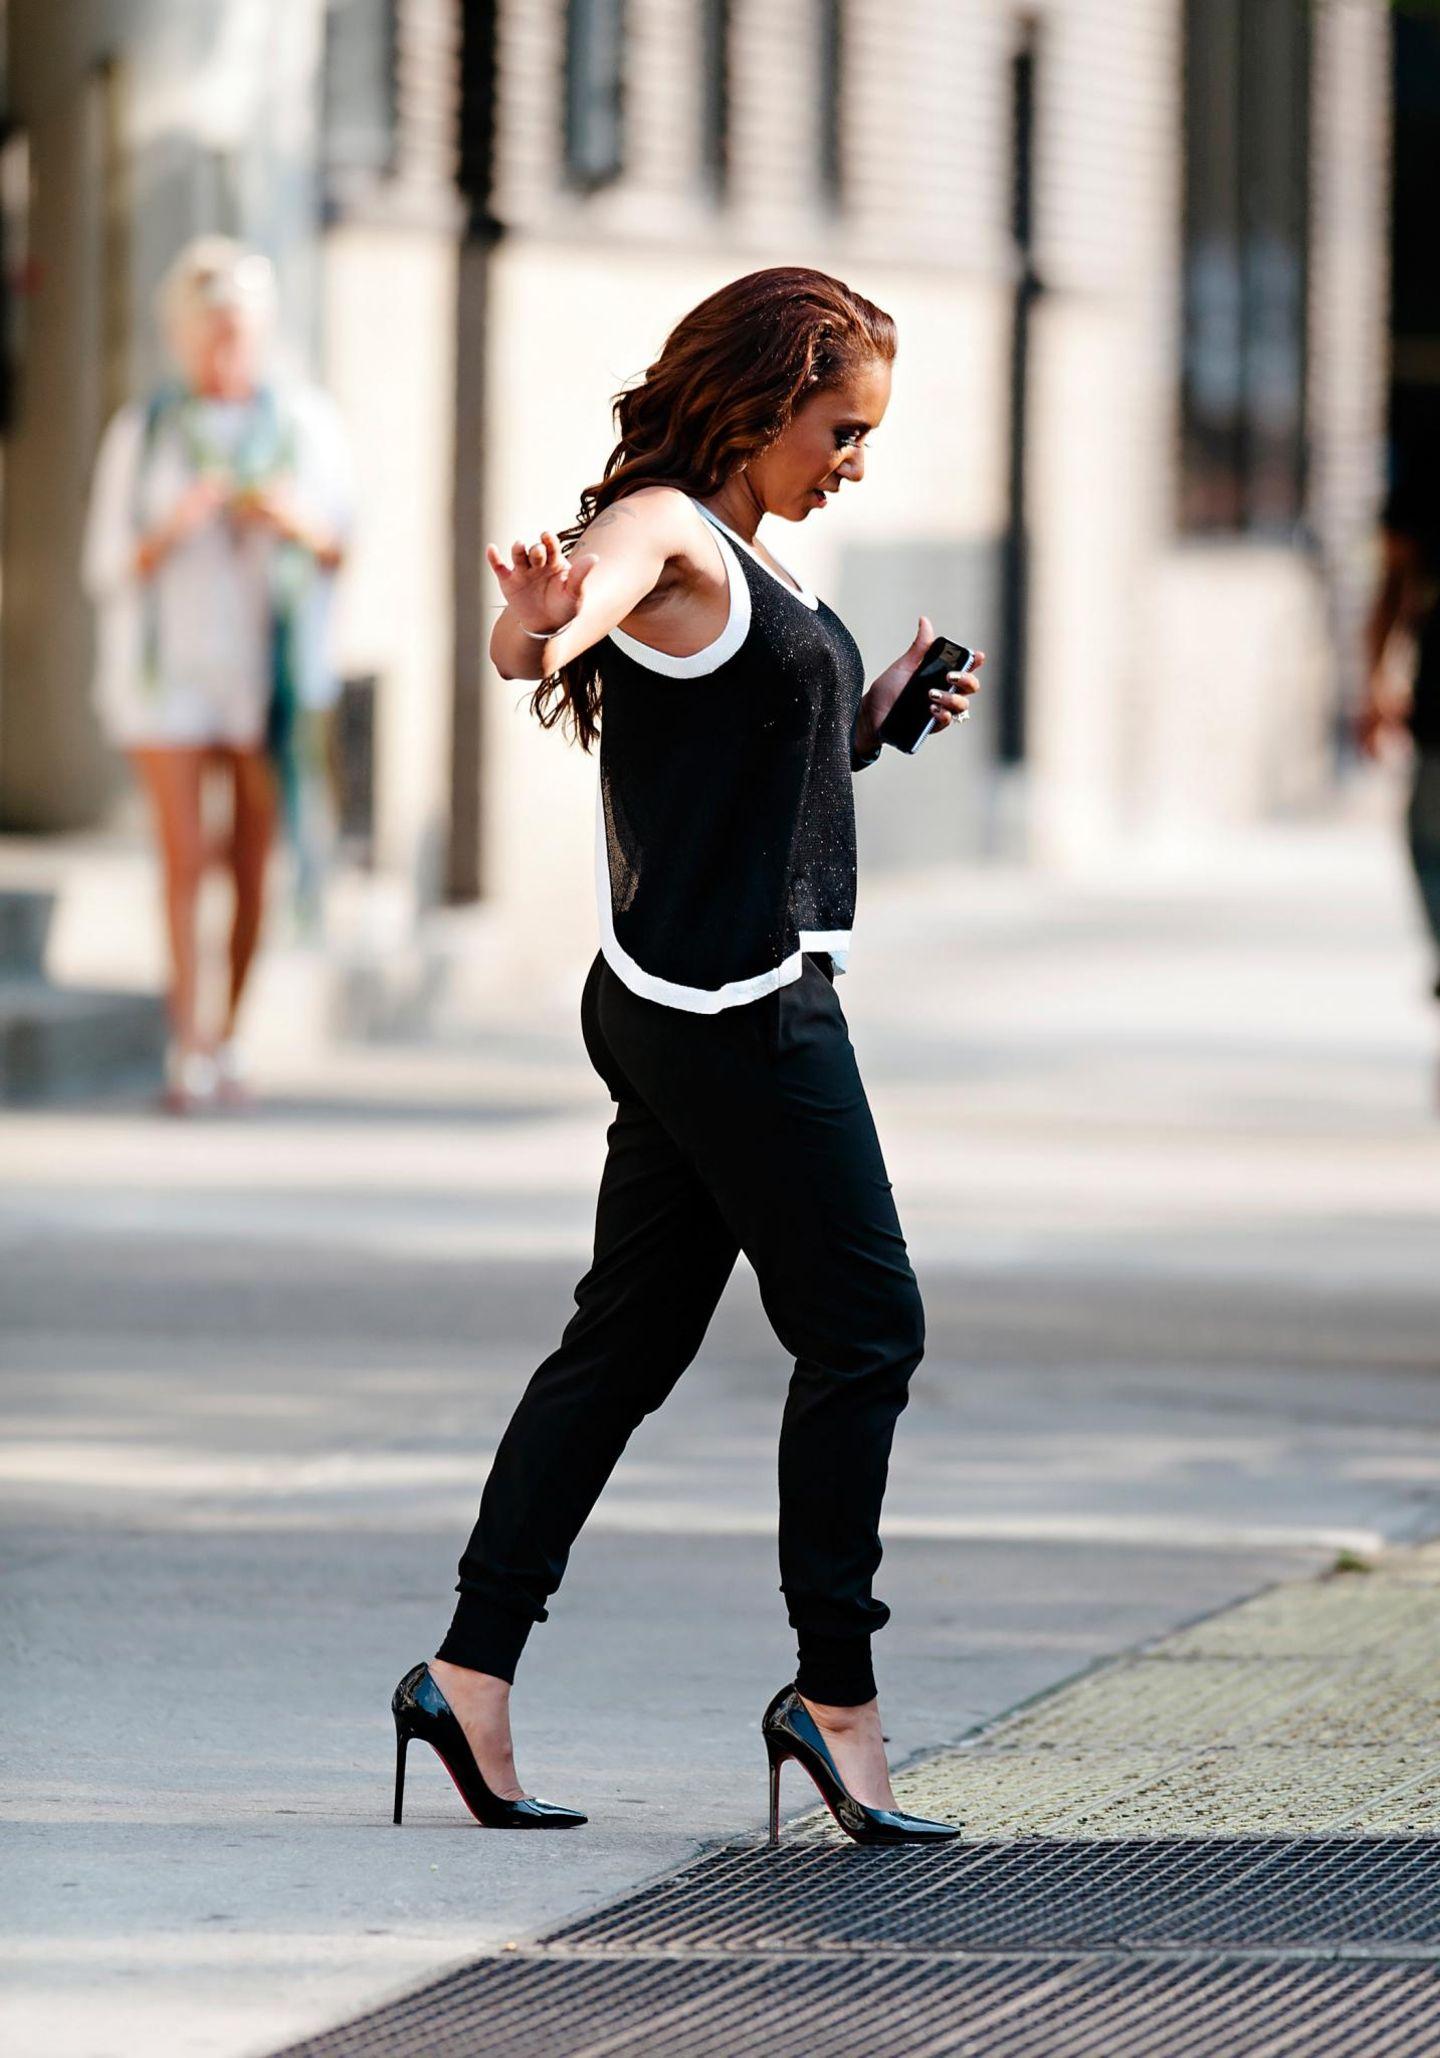 20. August 2013: Mel B balanciert in ihren hohen Schuhen vorsichtig über ein Lüftungsgitter.